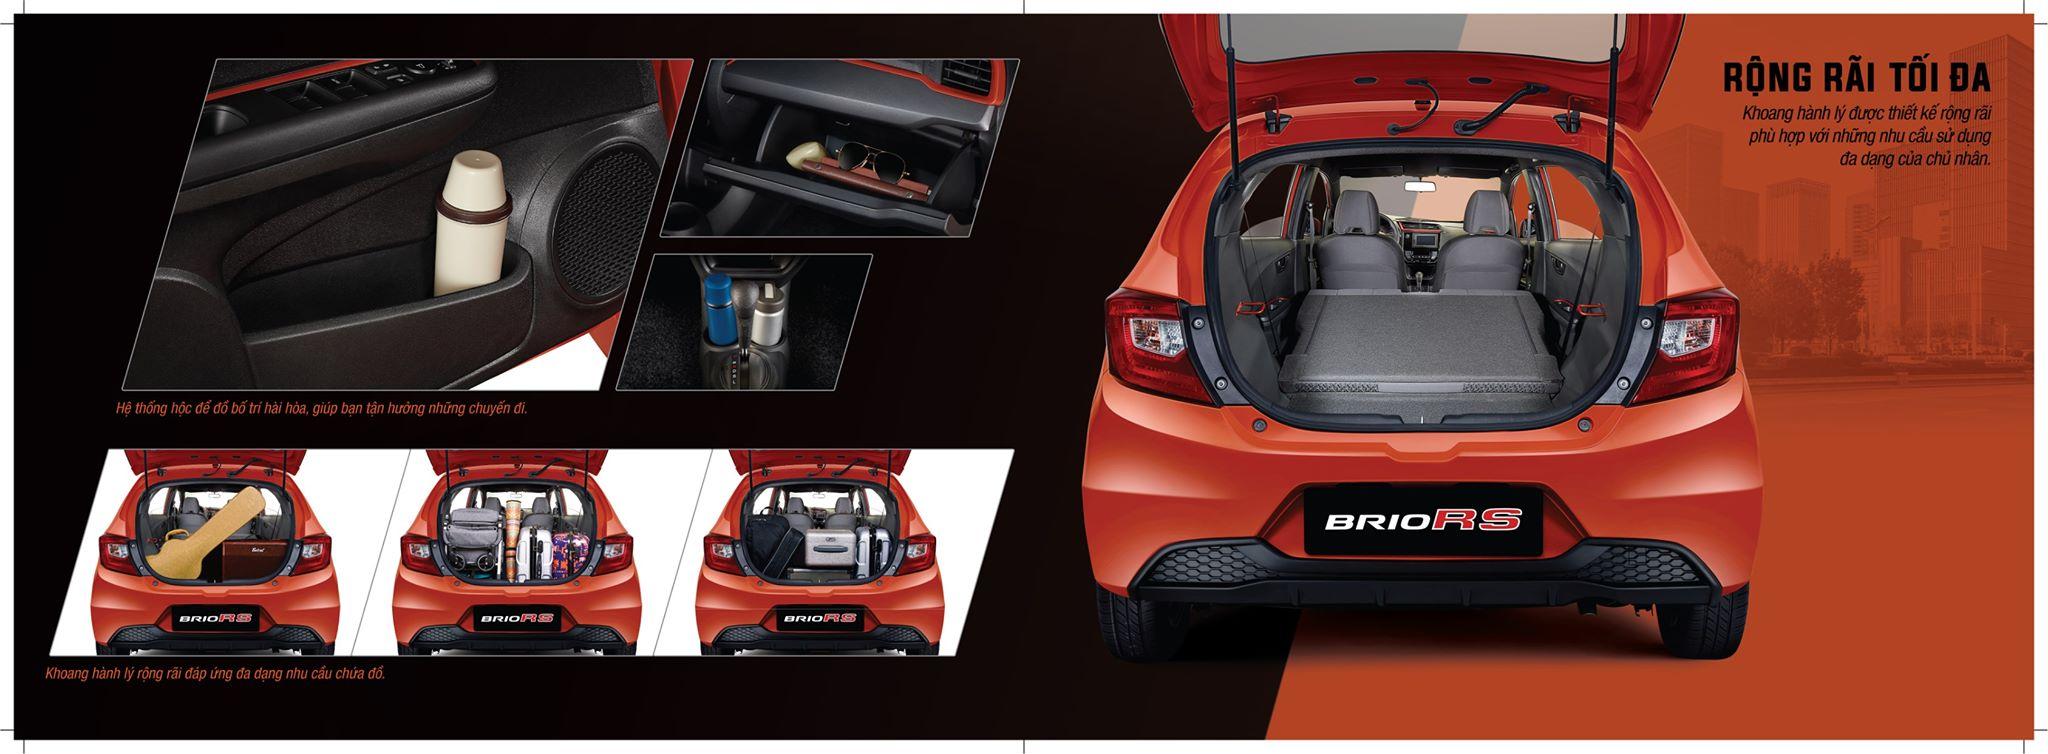 Honda VN chính thức ra mắt Honda Brio và công bố giá bán từ 418 triệu